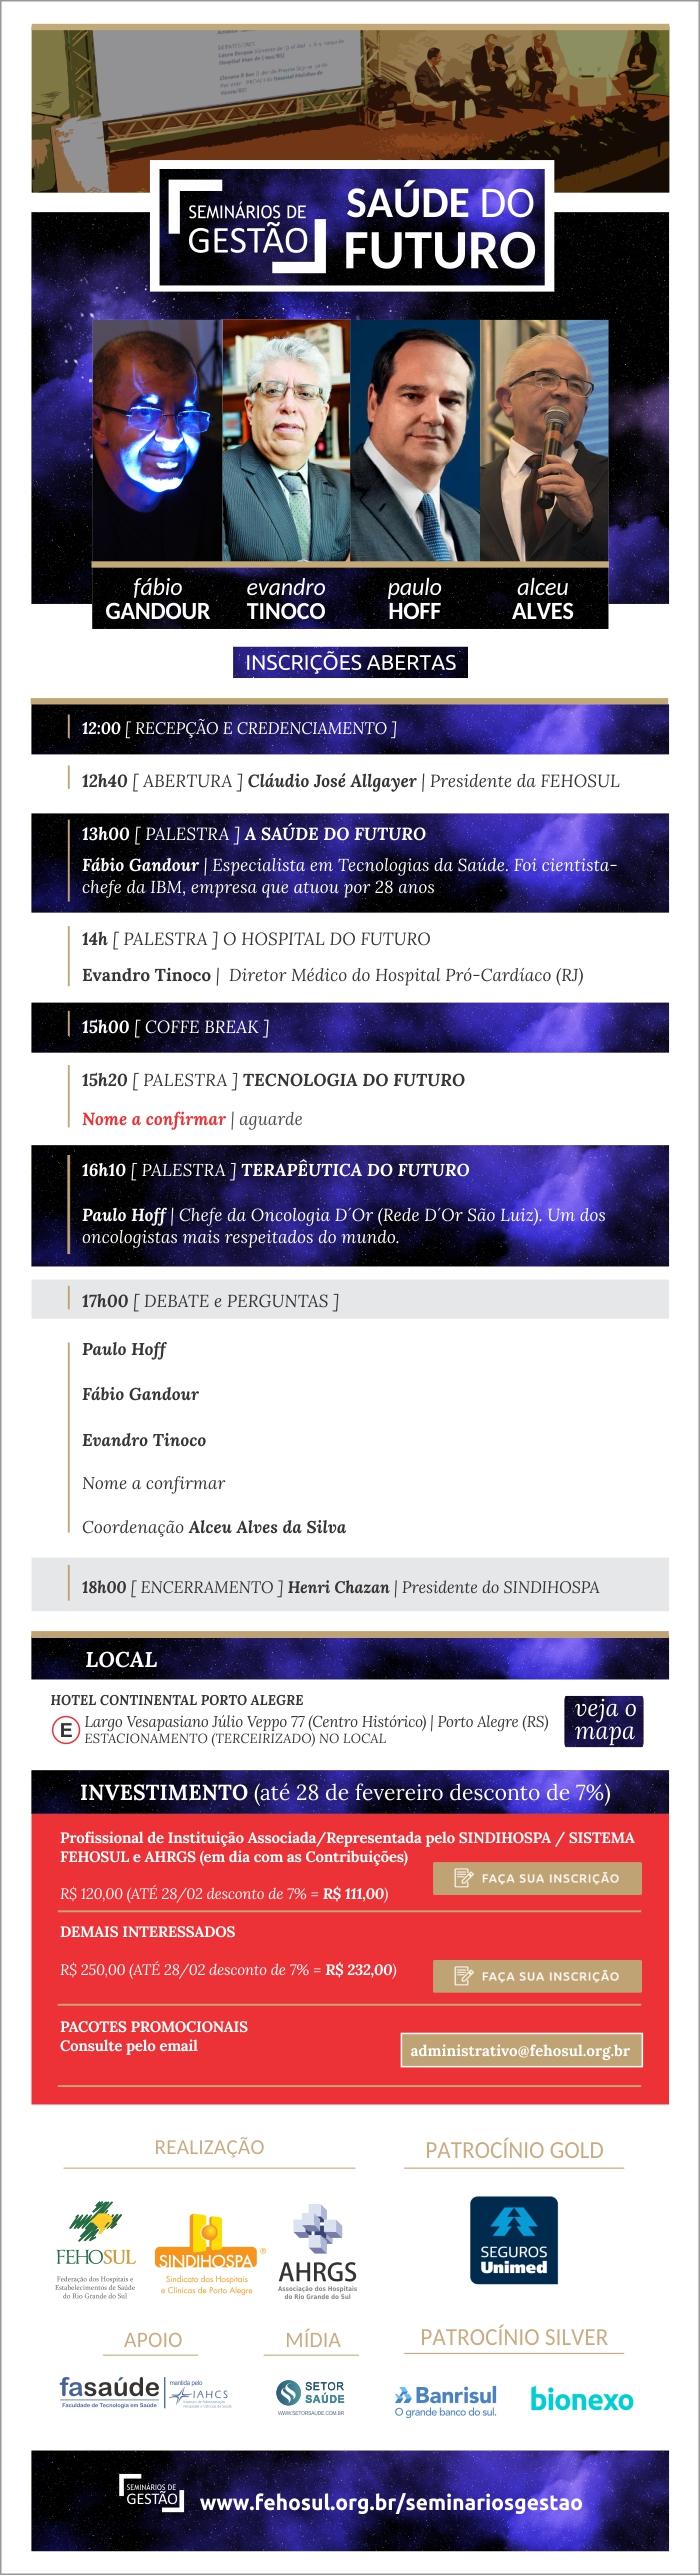 03_09_Seminario_Gestao_Programa_700_01